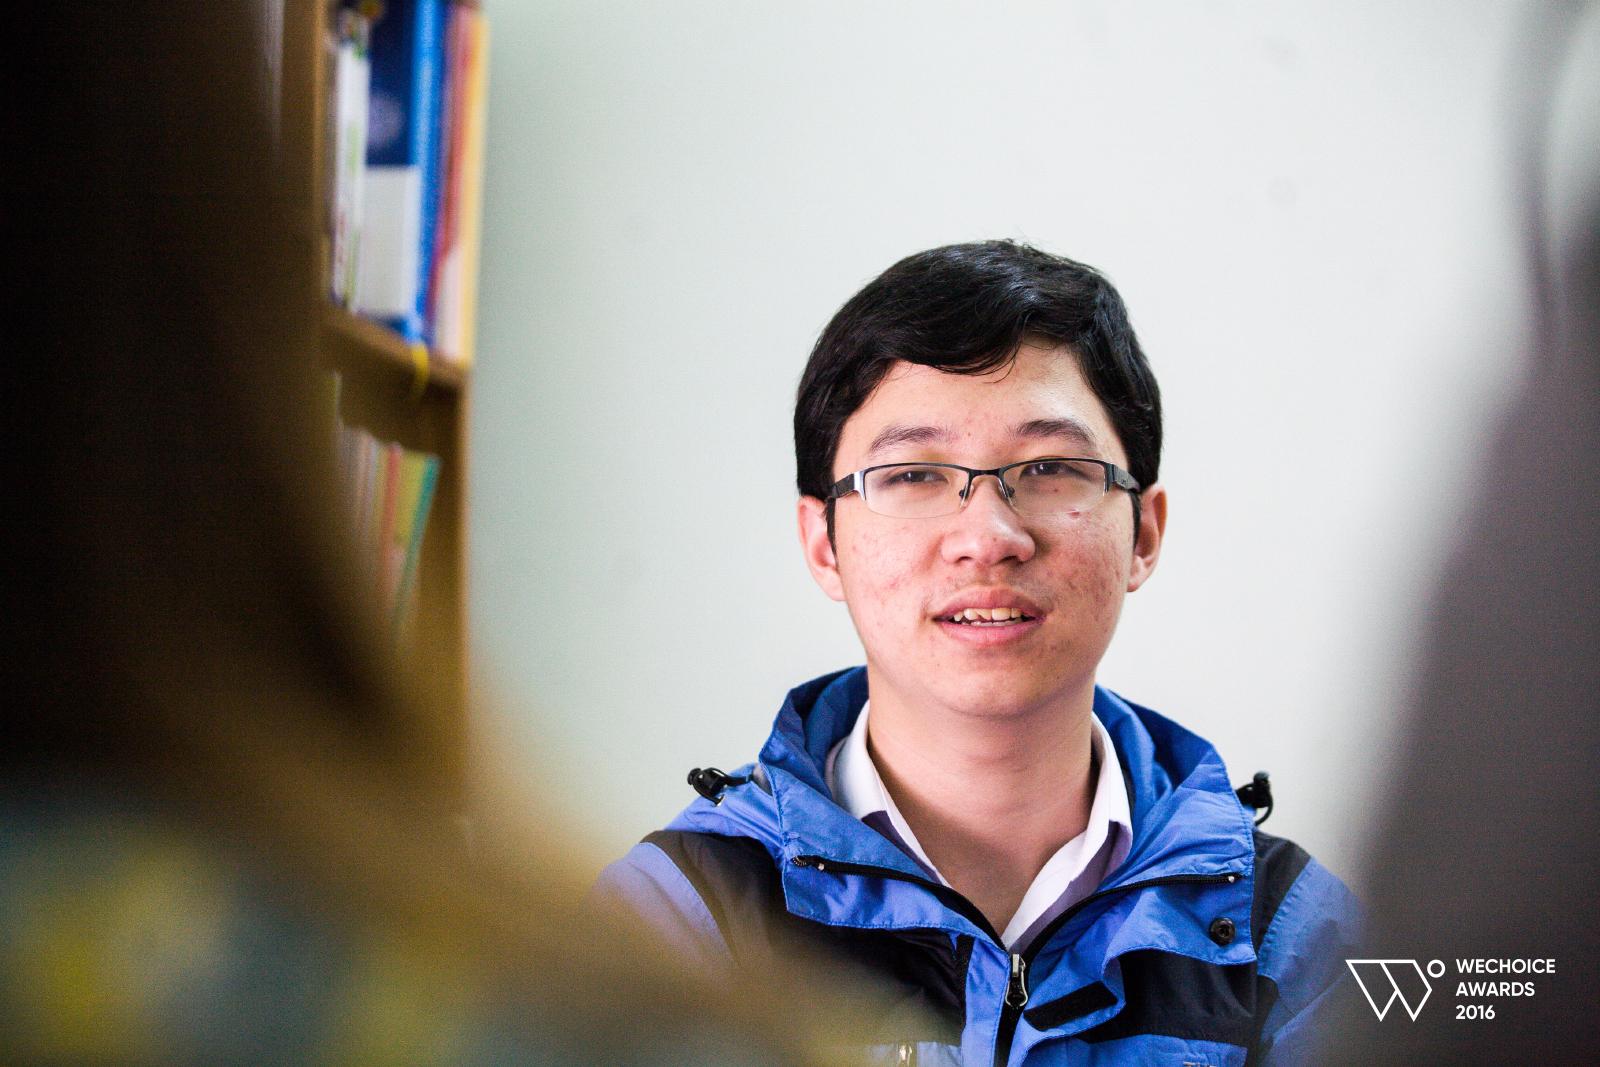 Phan Đăng Nhật Minh - Cậu bé thần đồng với trí nhớ thiên phú và giấc mơ được làm người bình thường - Ảnh 13.